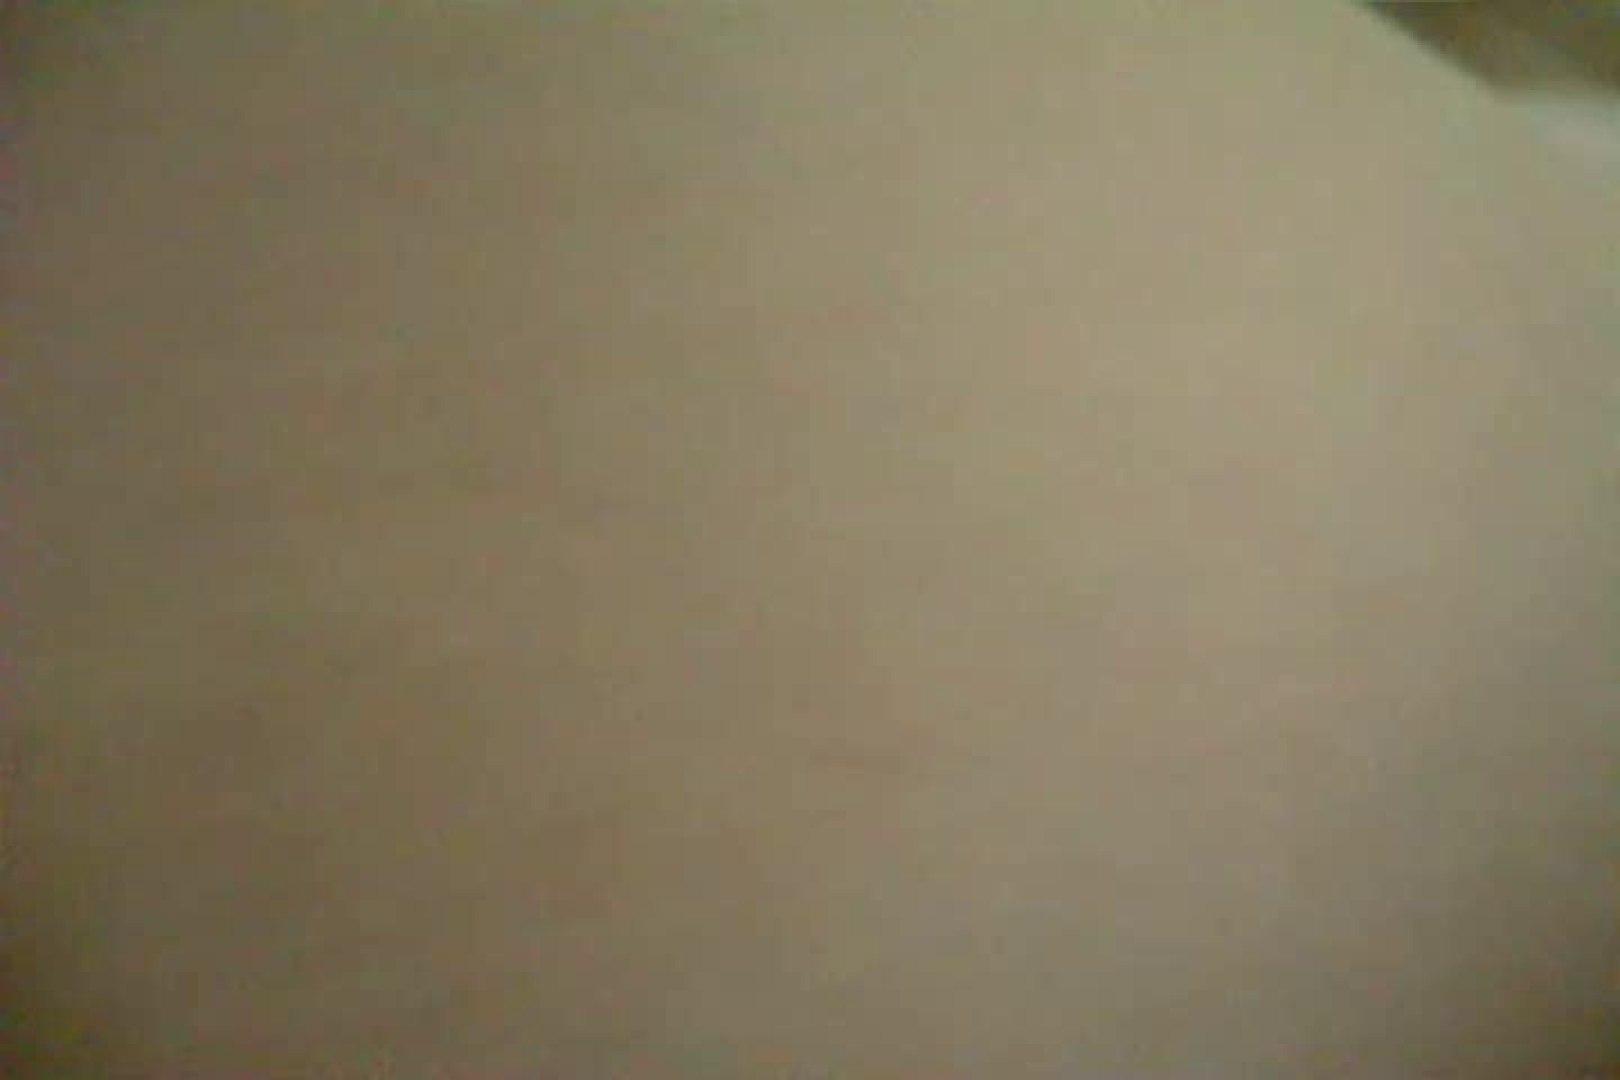 ウイルス流出 鹿児島県庁職員 中瀬瀬久成の流出ビデオ 超エロギャル SEX無修正画像 69枚 12